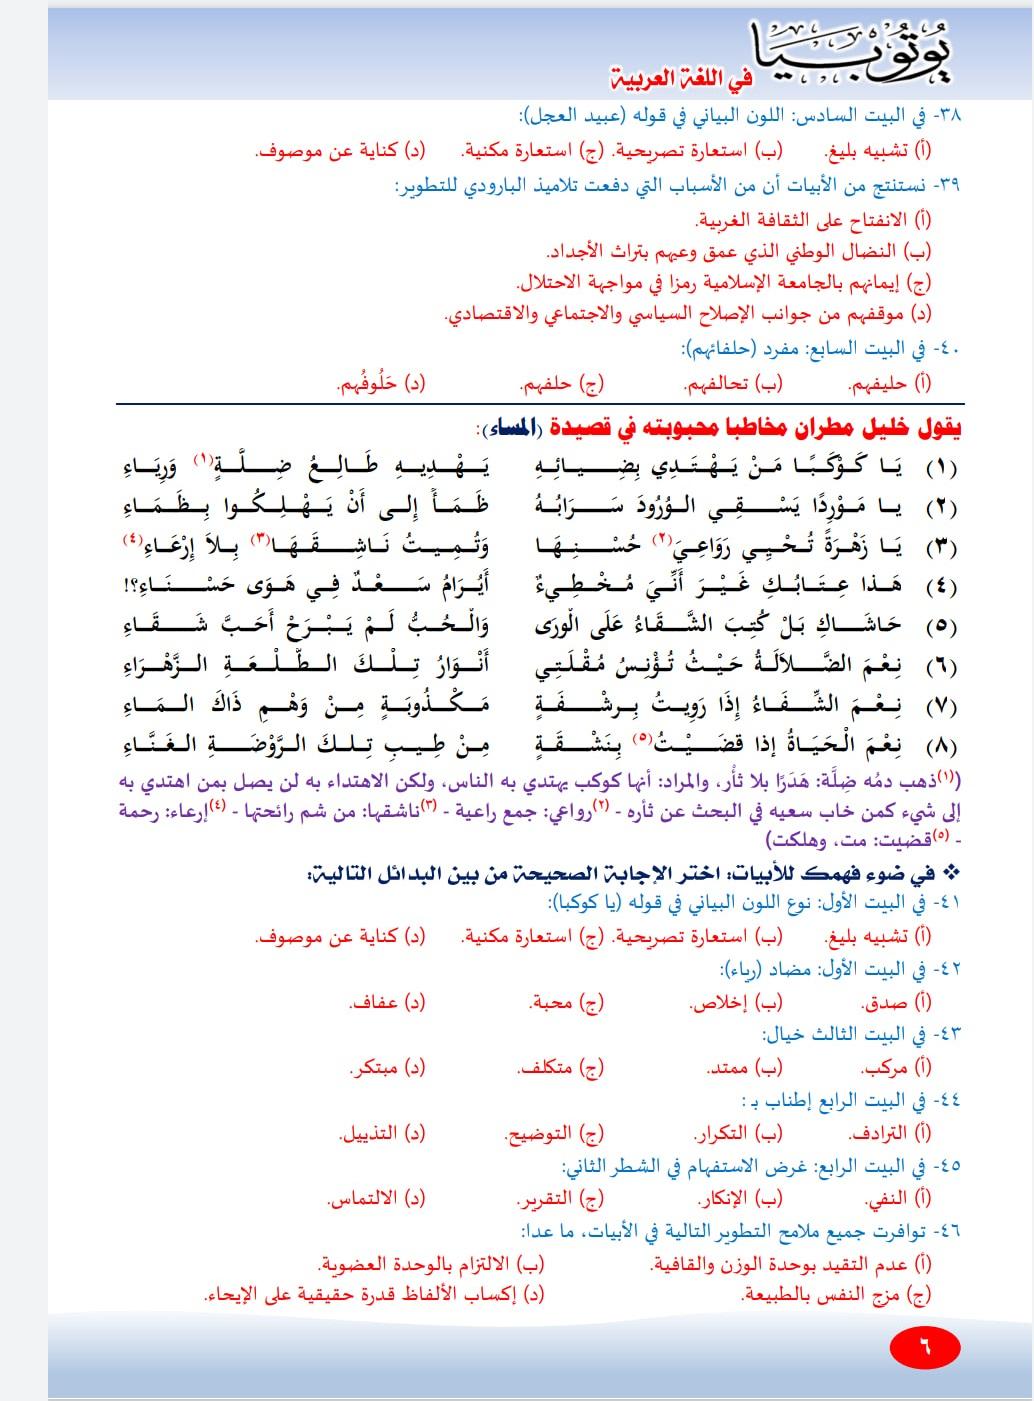 امتحان لغة عربية 3 ثانوي 2021 نظام جديد 6